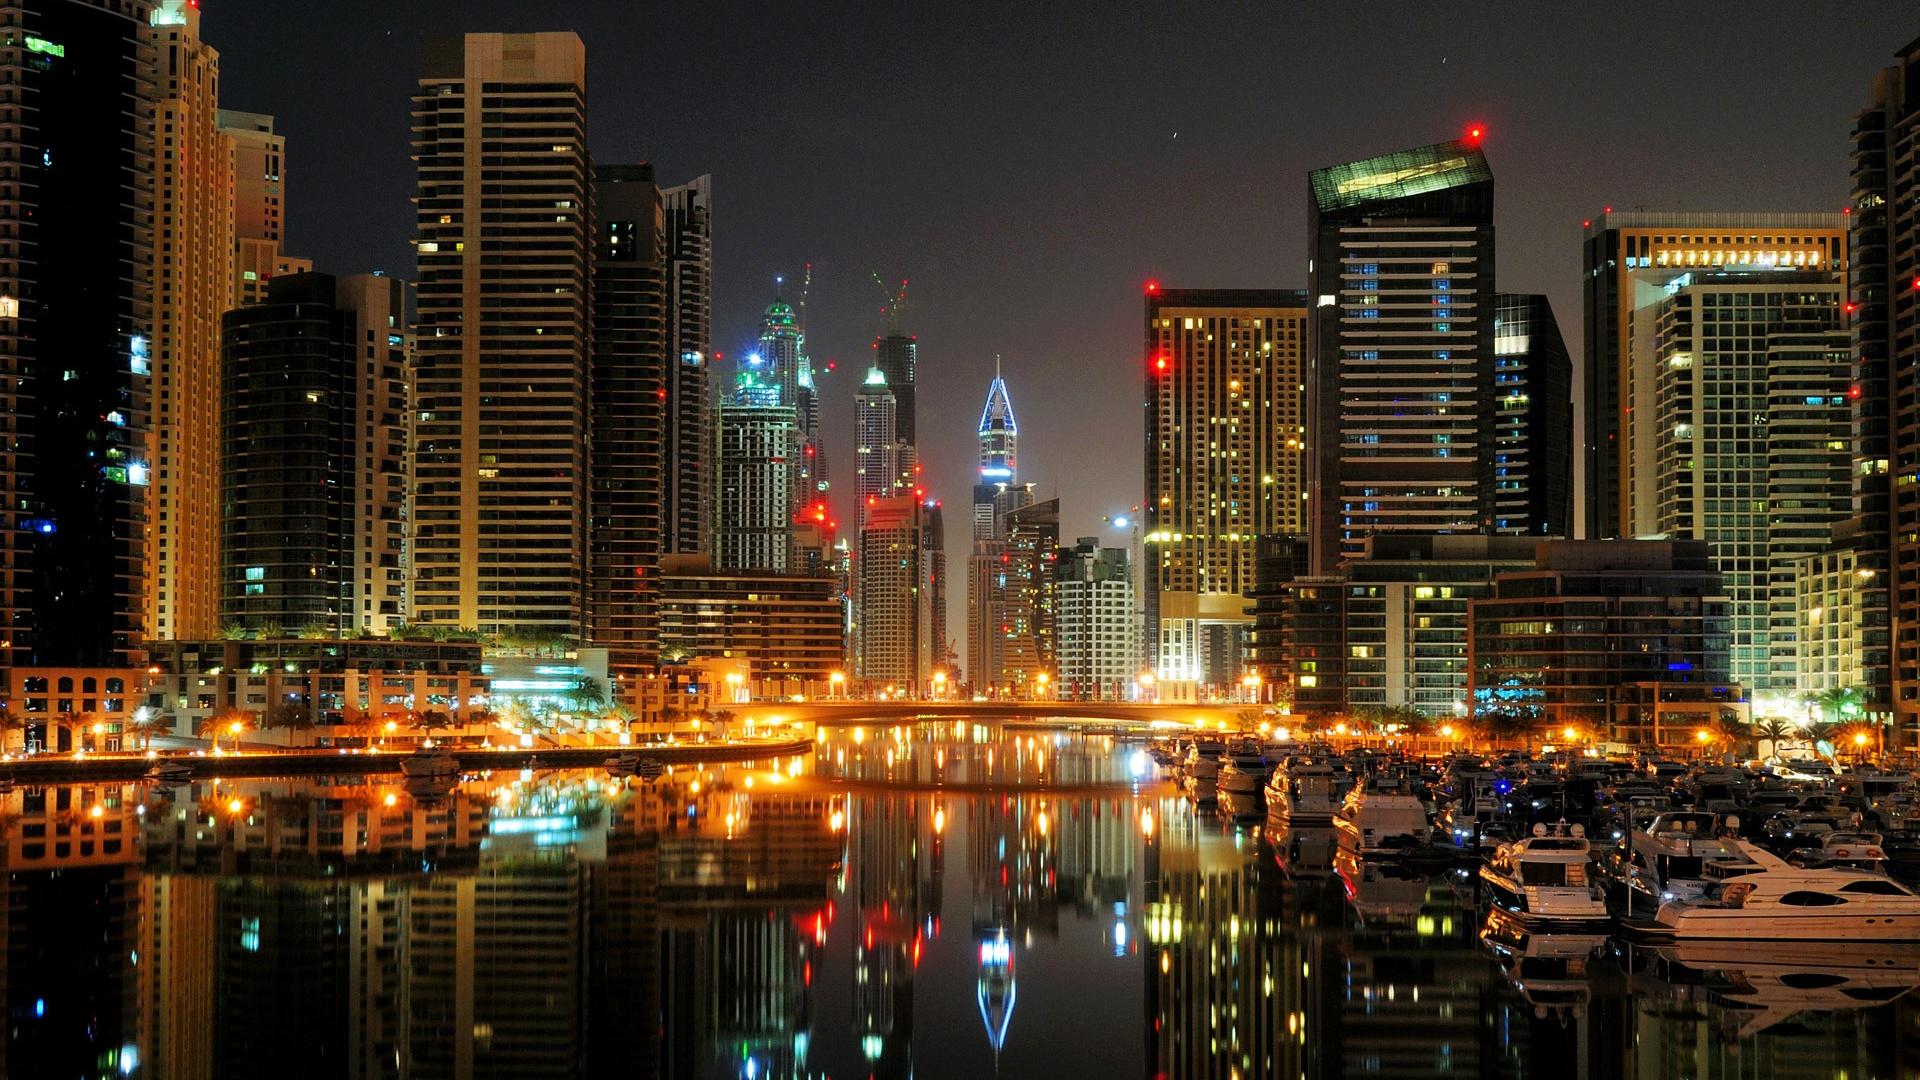 امارات متحده عربی؛ مقصد رویایی مسافران تنها